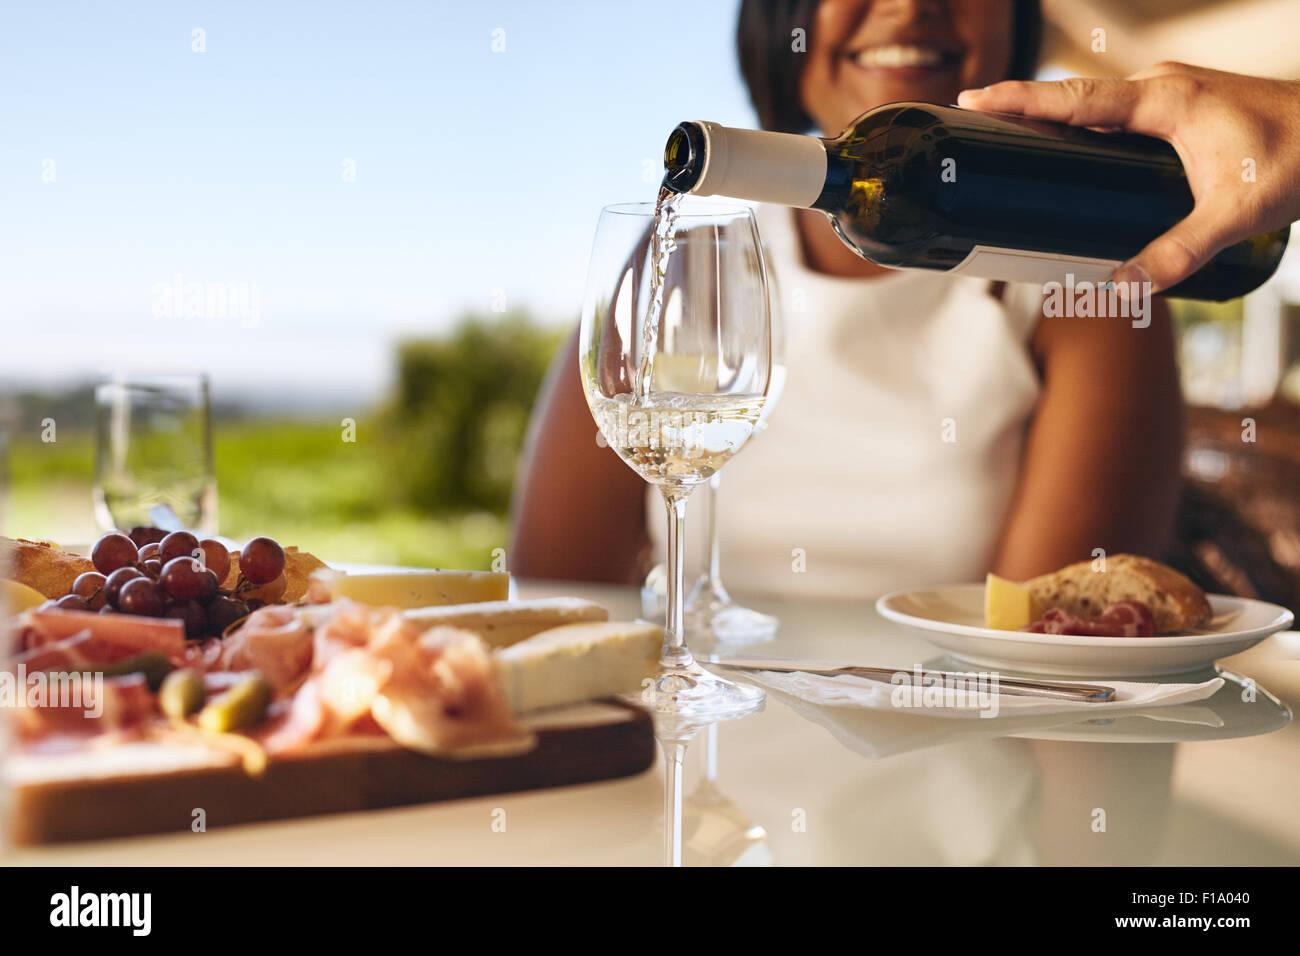 Manos de un hombre verter en dos vasos de vino blanco de la botella con una mujer sonriente en fondo en la bodega. Imagen De Stock